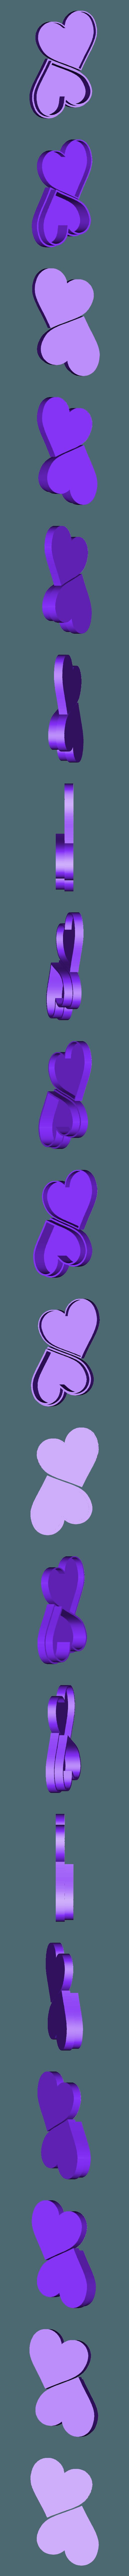 Boite en cœur.stl Download free OBJ file Heart box • 3D printer model, ryad36